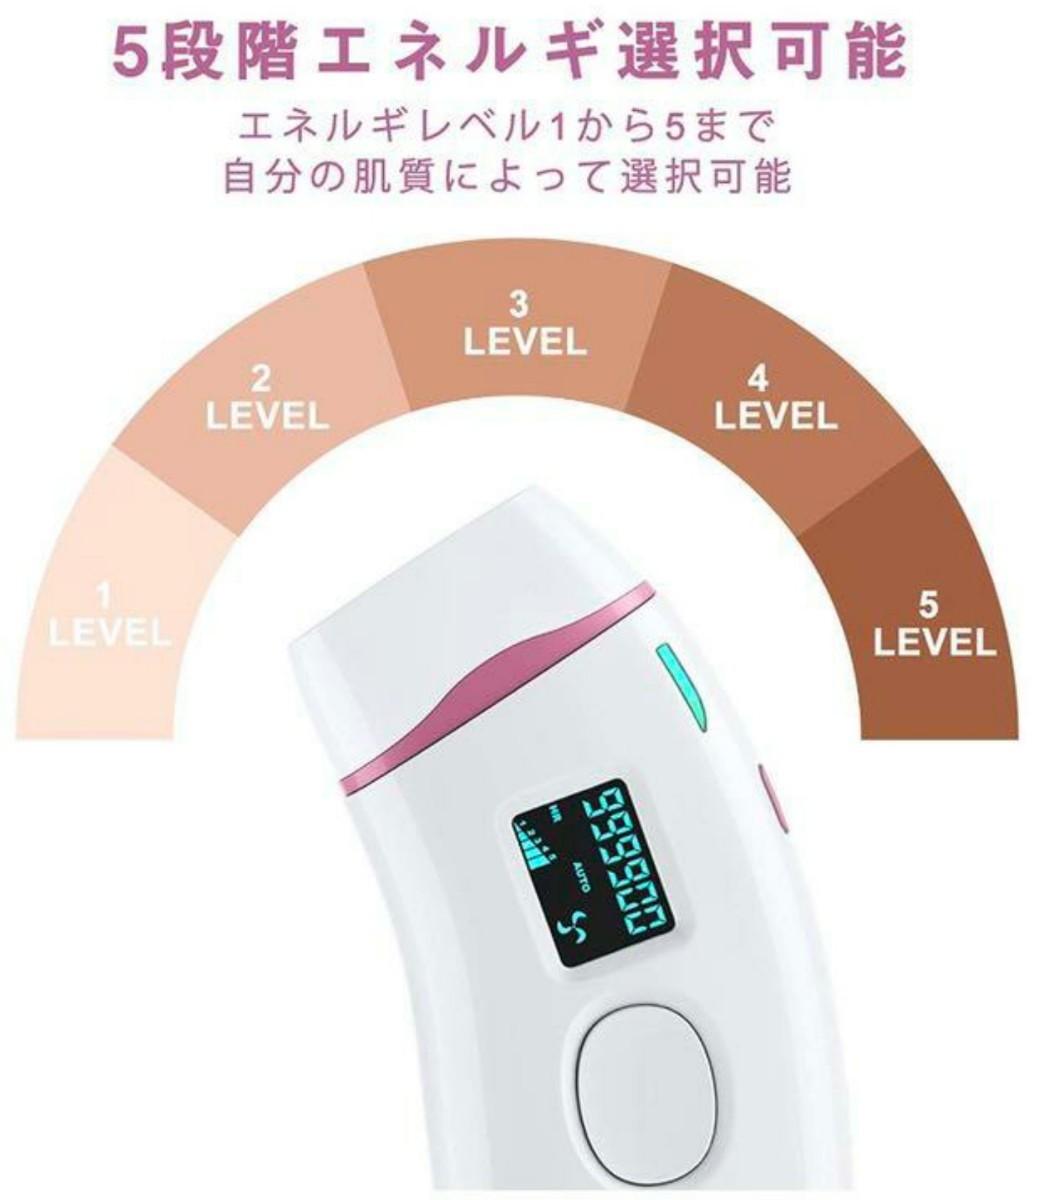 脱毛器-レーザー vio対応 家庭用脱毛器99万回照射IPL光脱毛器自動連続照射